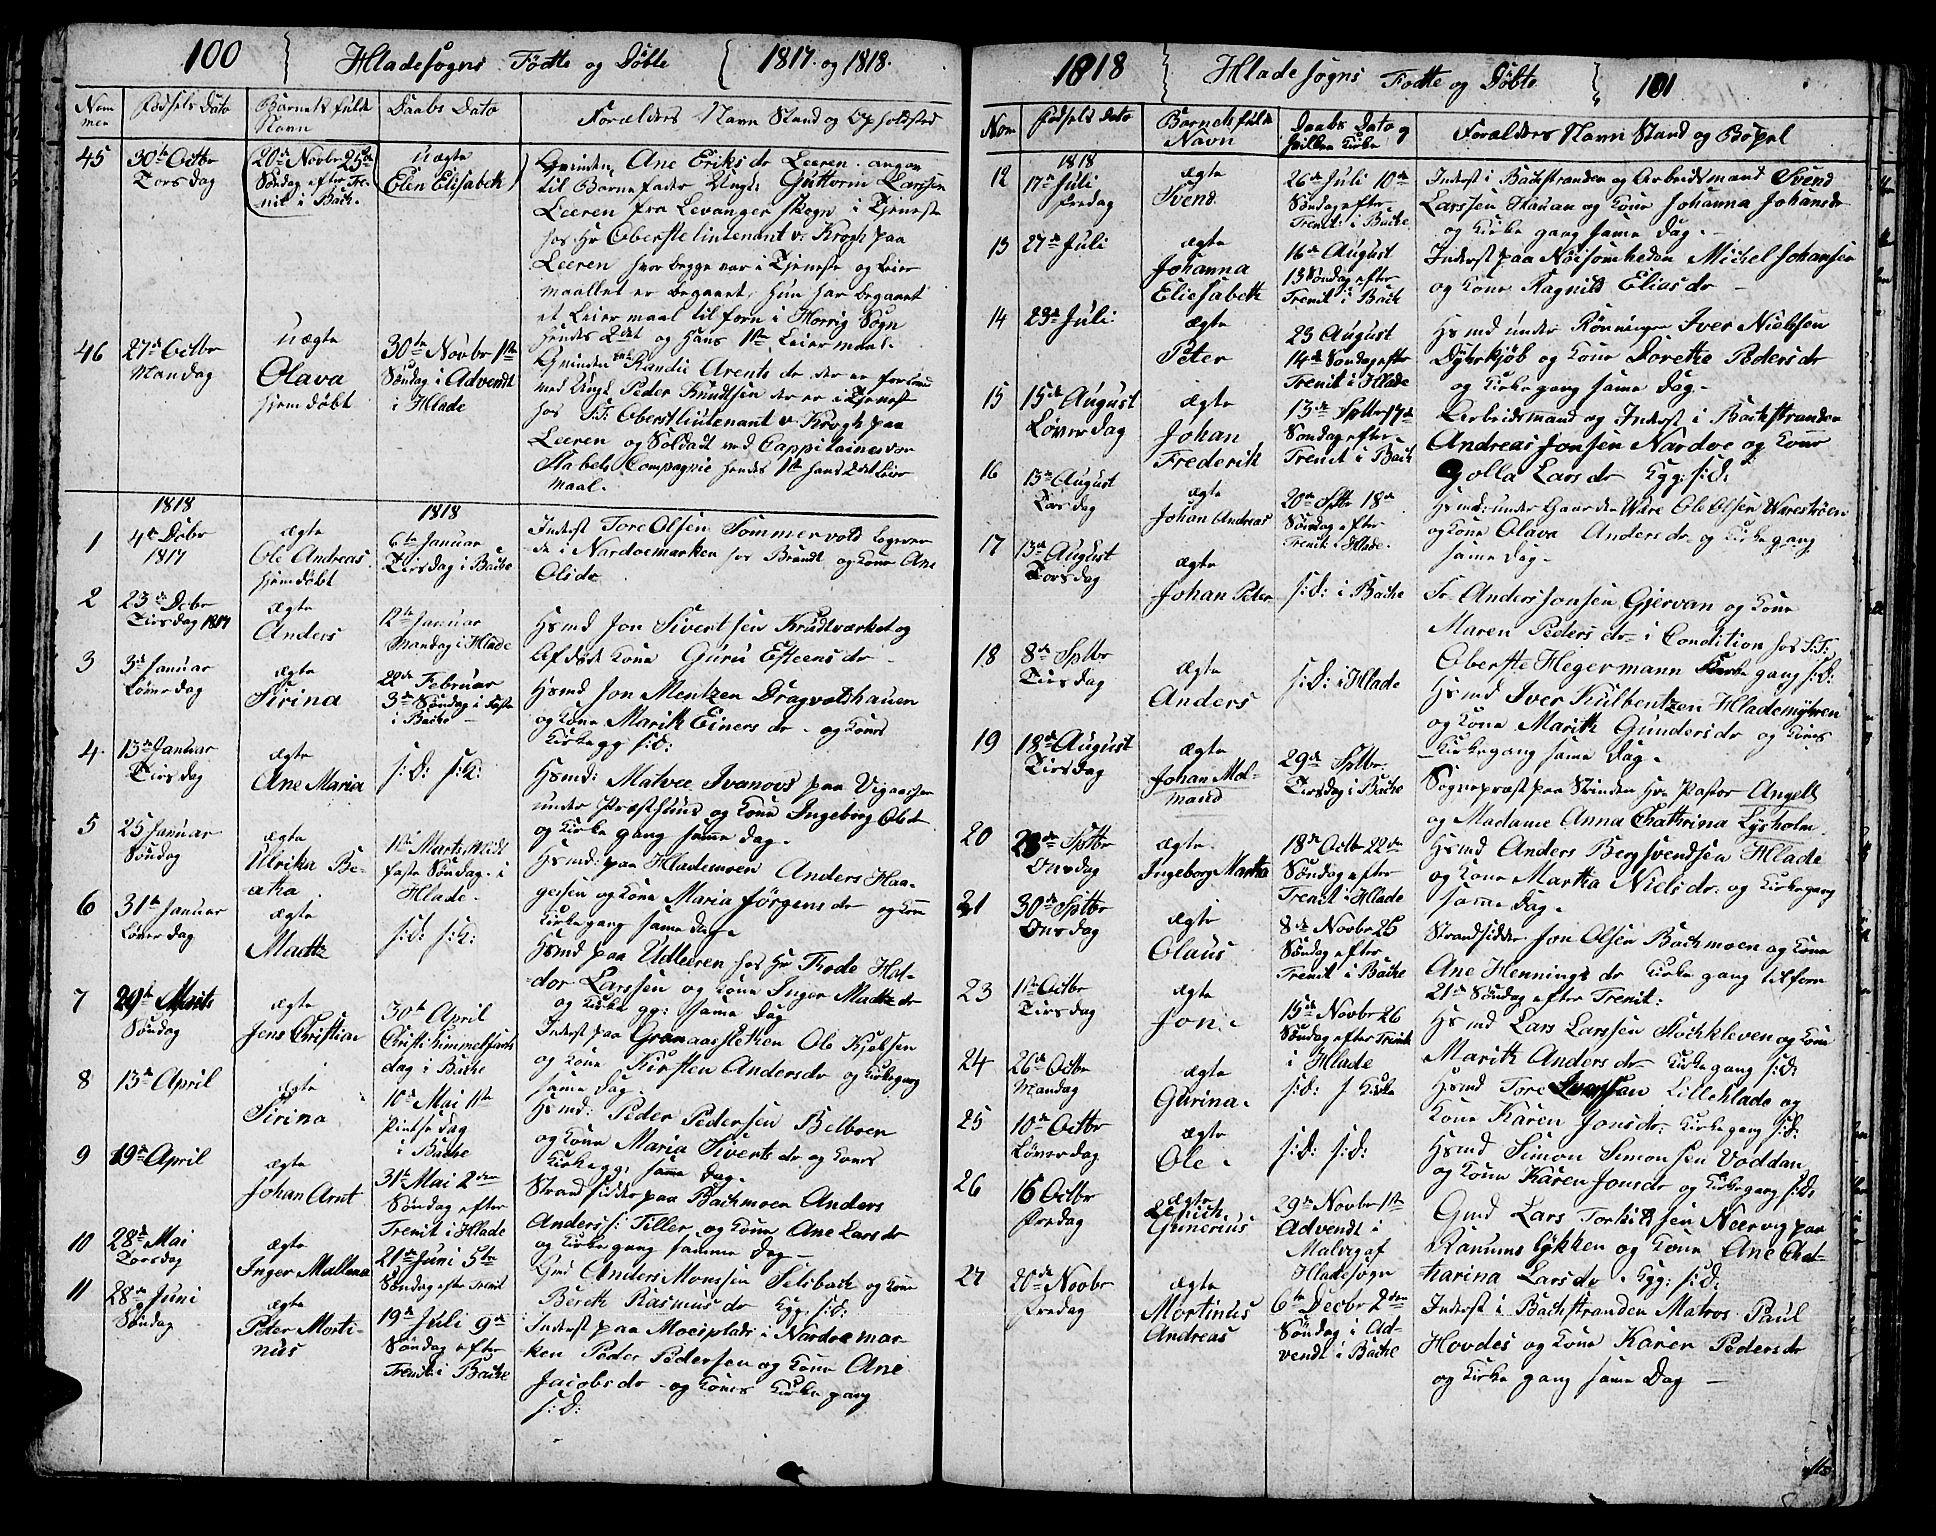 SAT, Ministerialprotokoller, klokkerbøker og fødselsregistre - Sør-Trøndelag, 606/L0306: Klokkerbok nr. 606C02, 1797-1829, s. 100-101